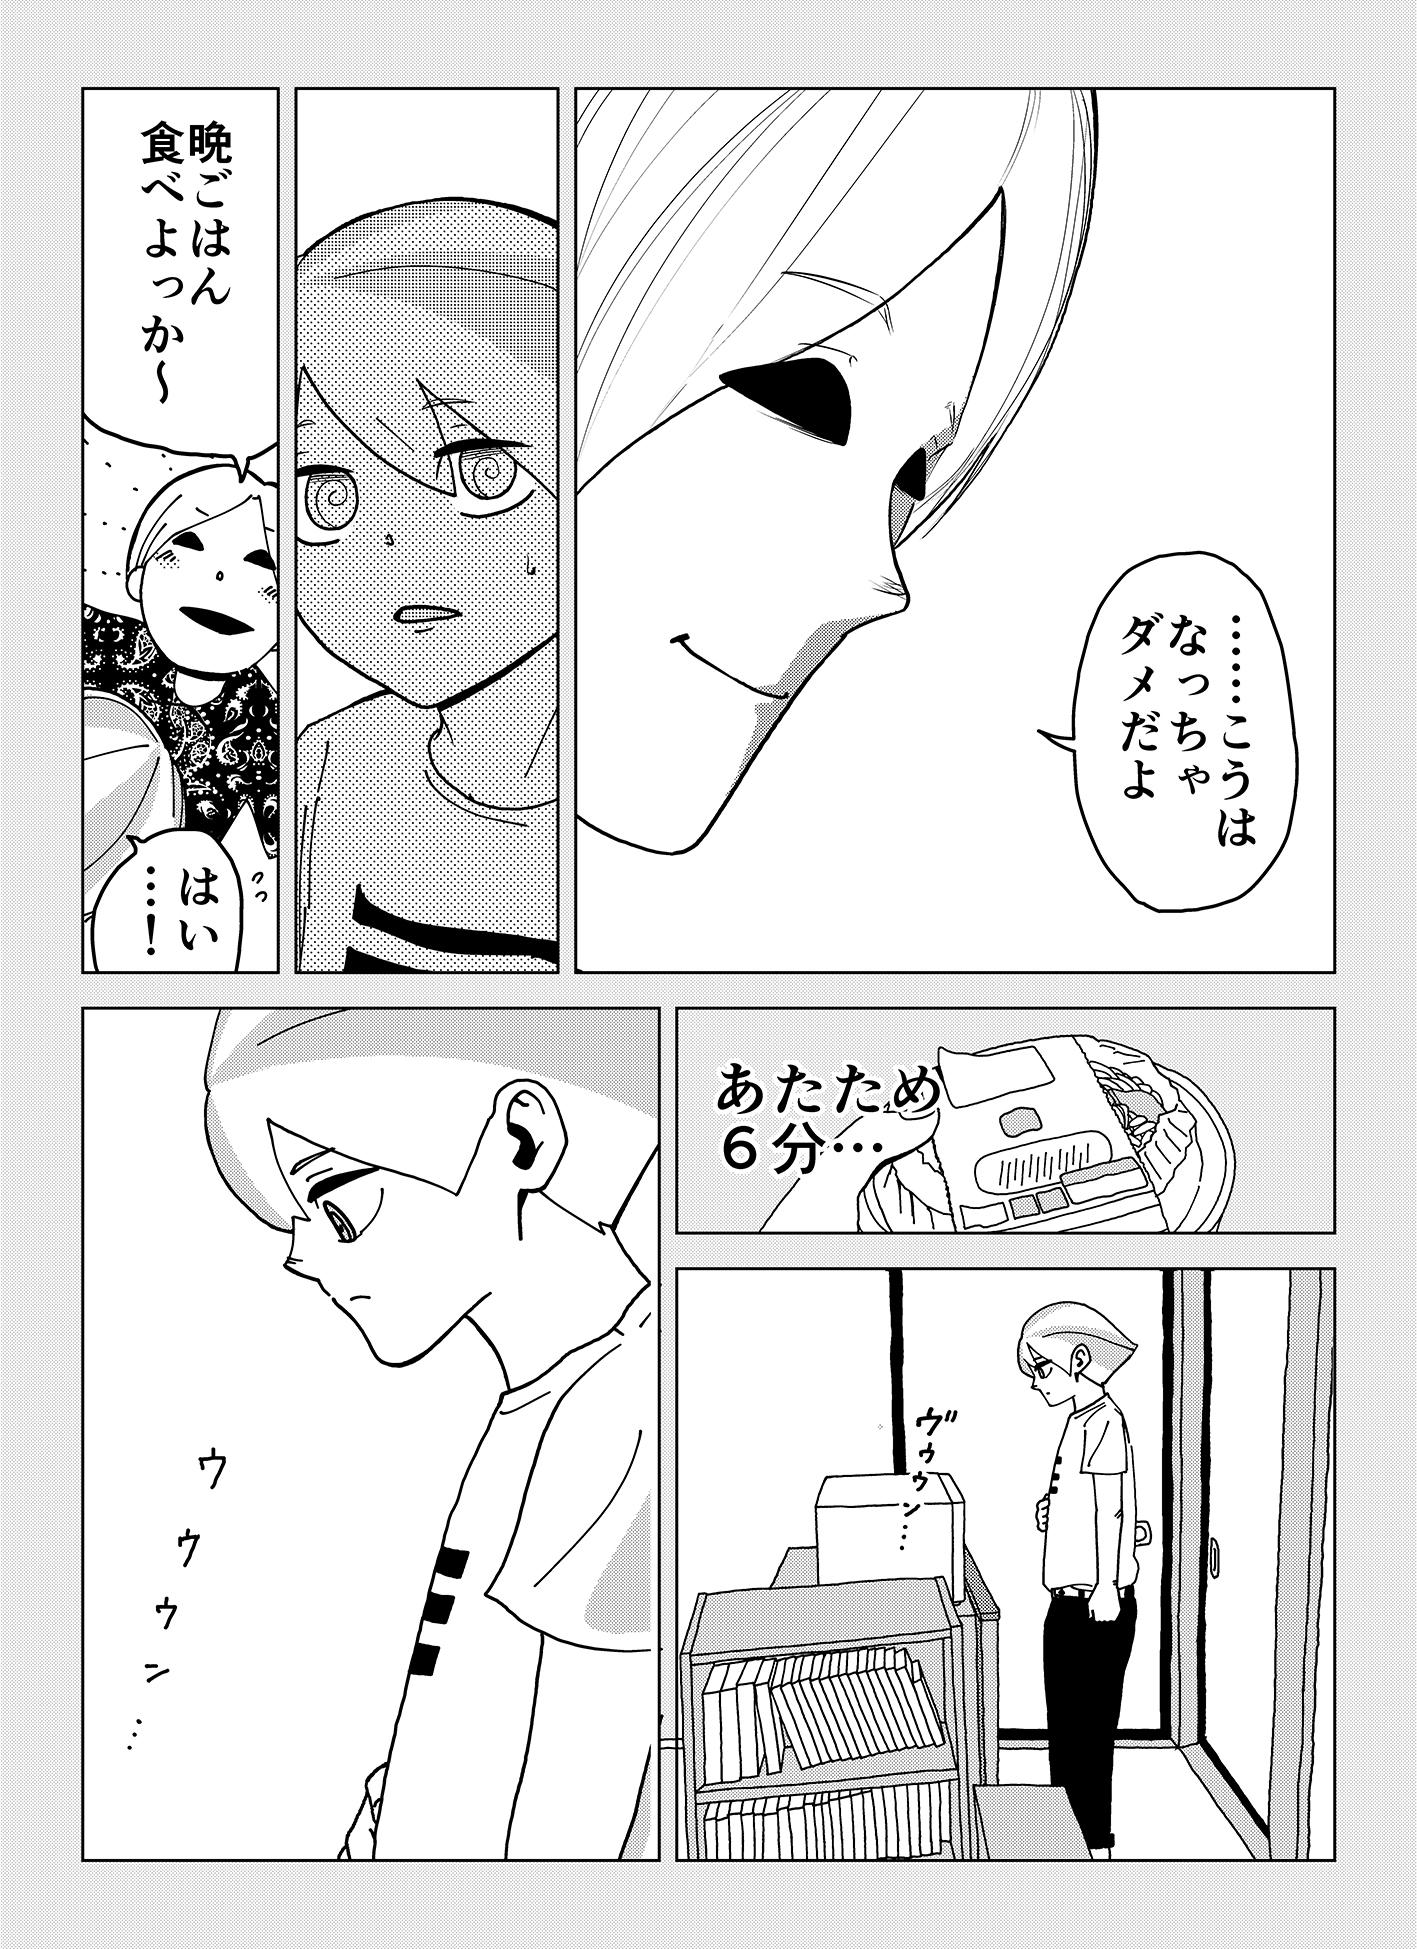 share_11_003